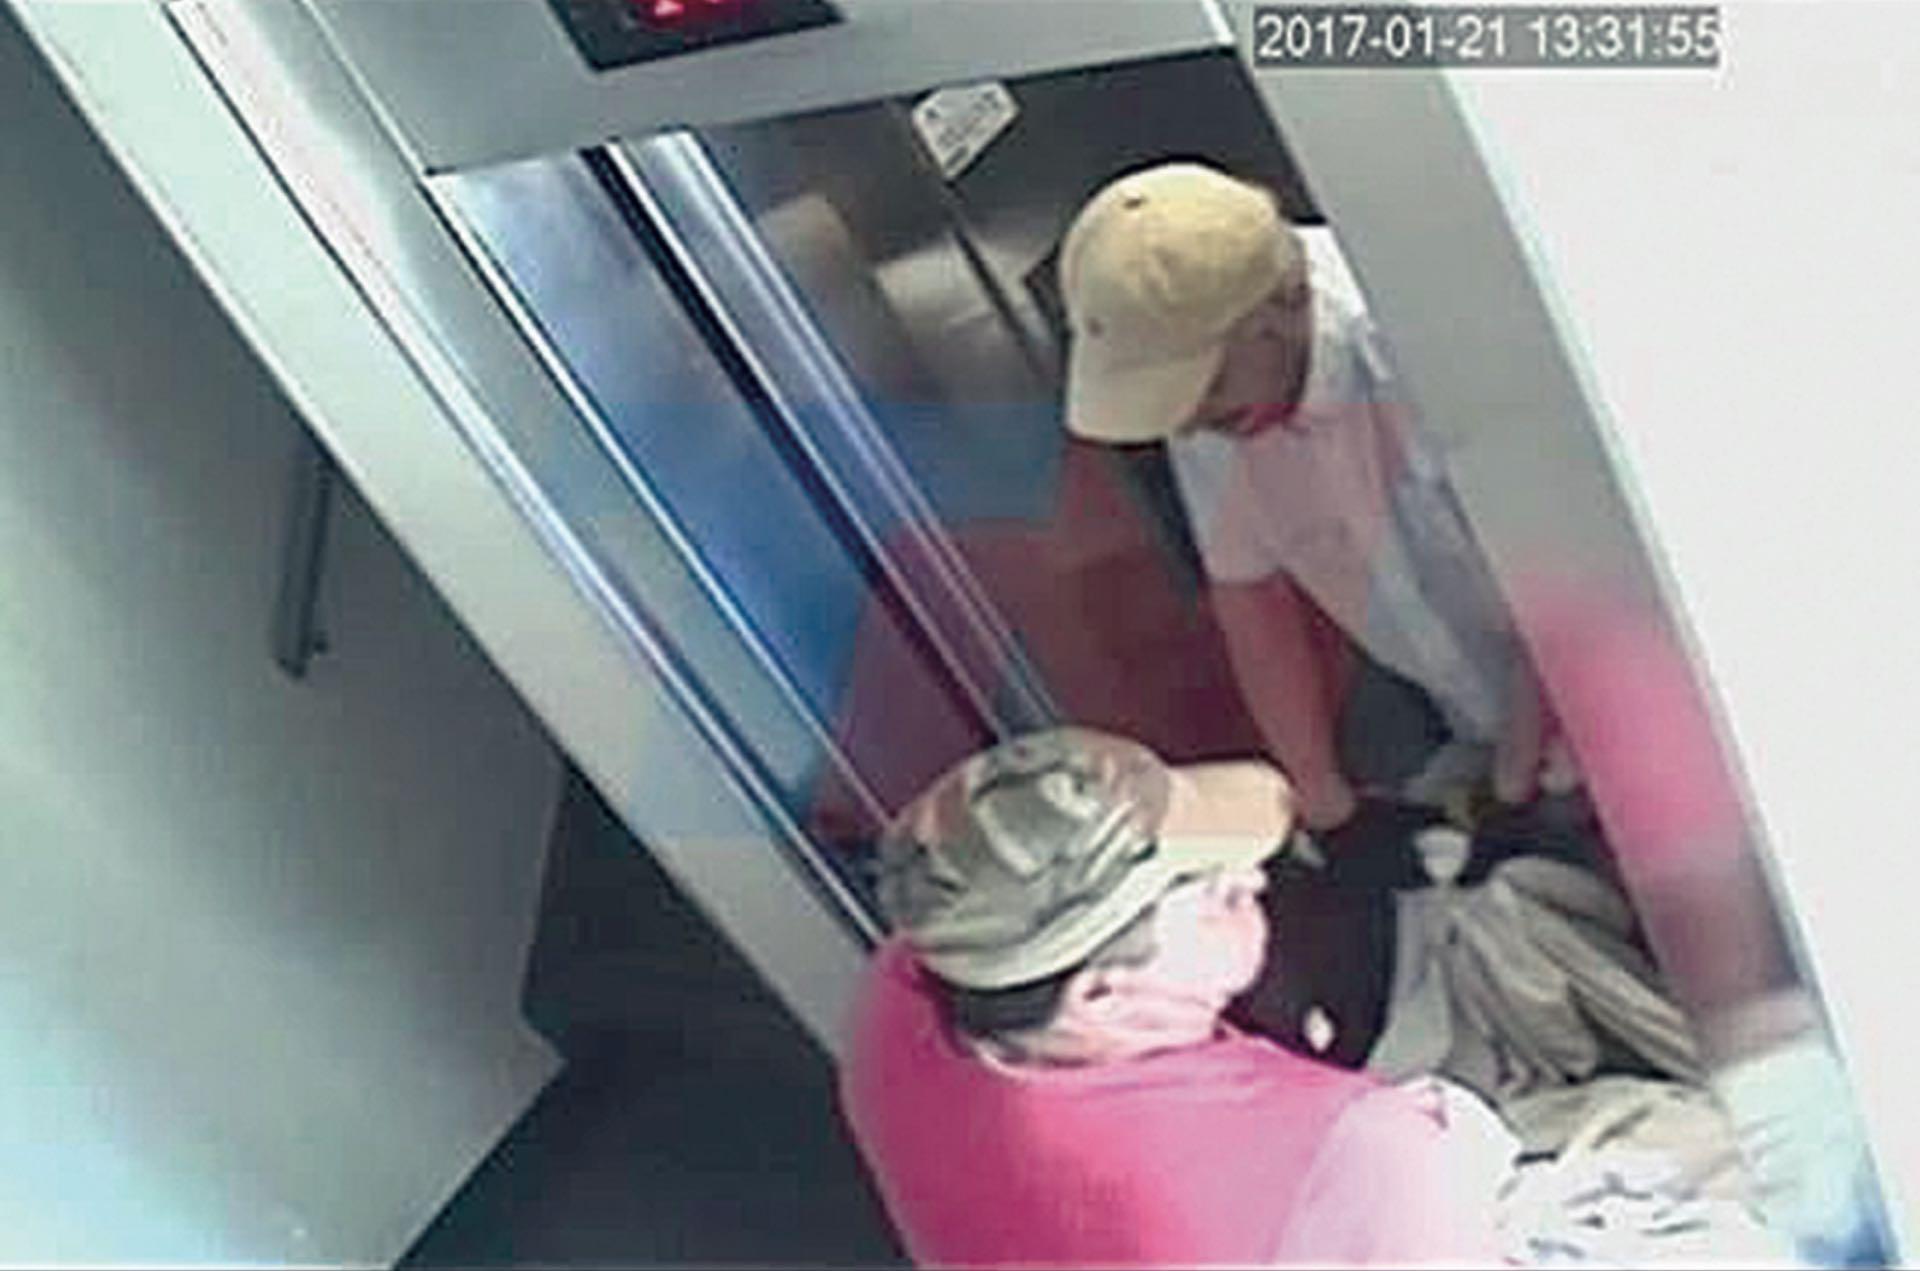 Santiago Corona y Pedro Ramón Fernández Torres arrastrando el cuerpo del empresario español envuelto en sábanas por el ascensor del edificio de Caballito.